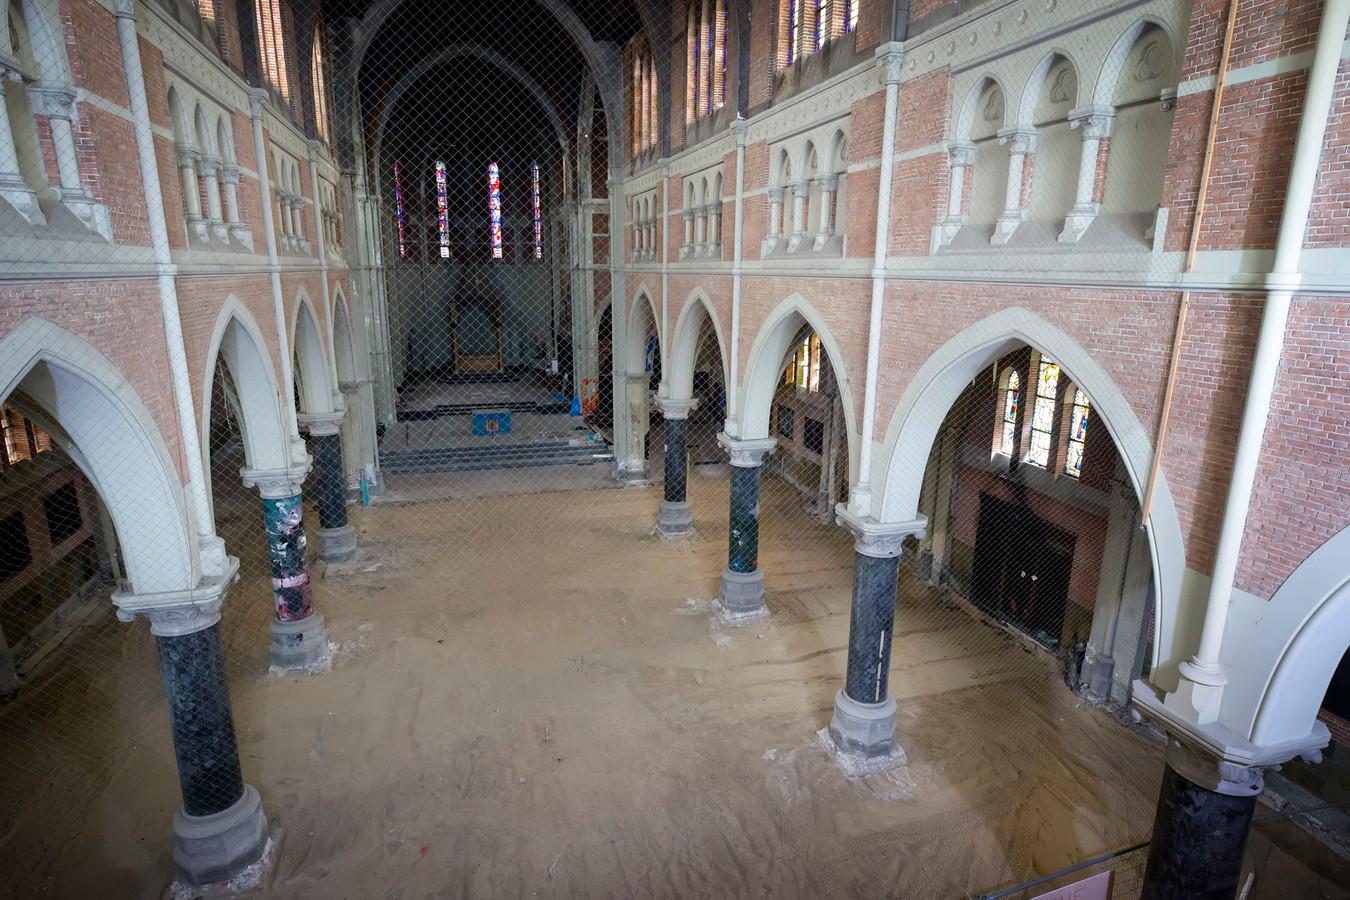 Interieur van de Heilig Hartkerk in Breda.